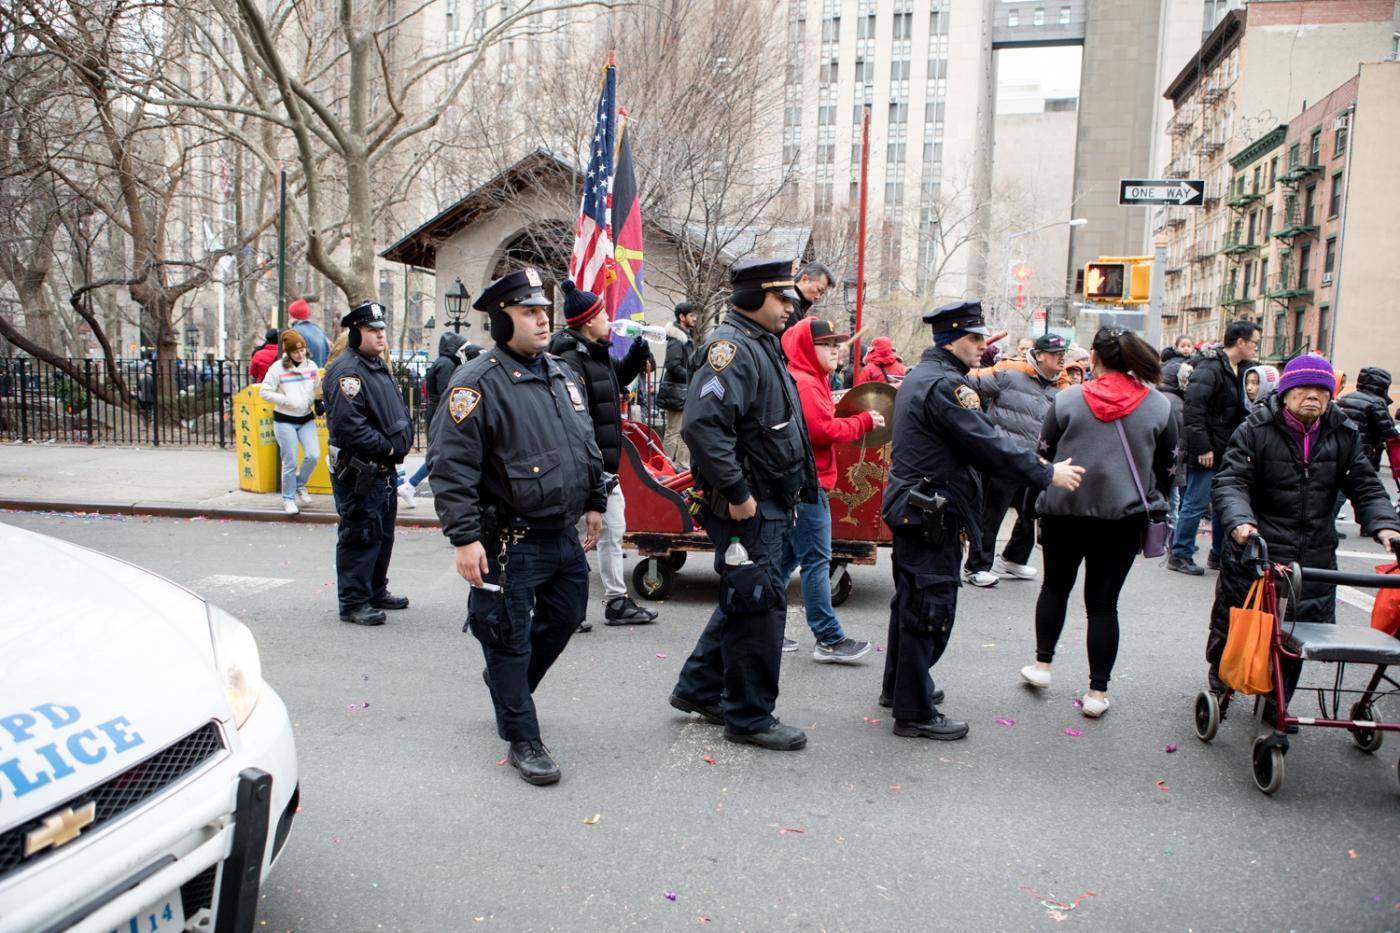 美國春節好熱鬧    ----紐約曼哈頓唐人街大年初一 20170128_图1-49